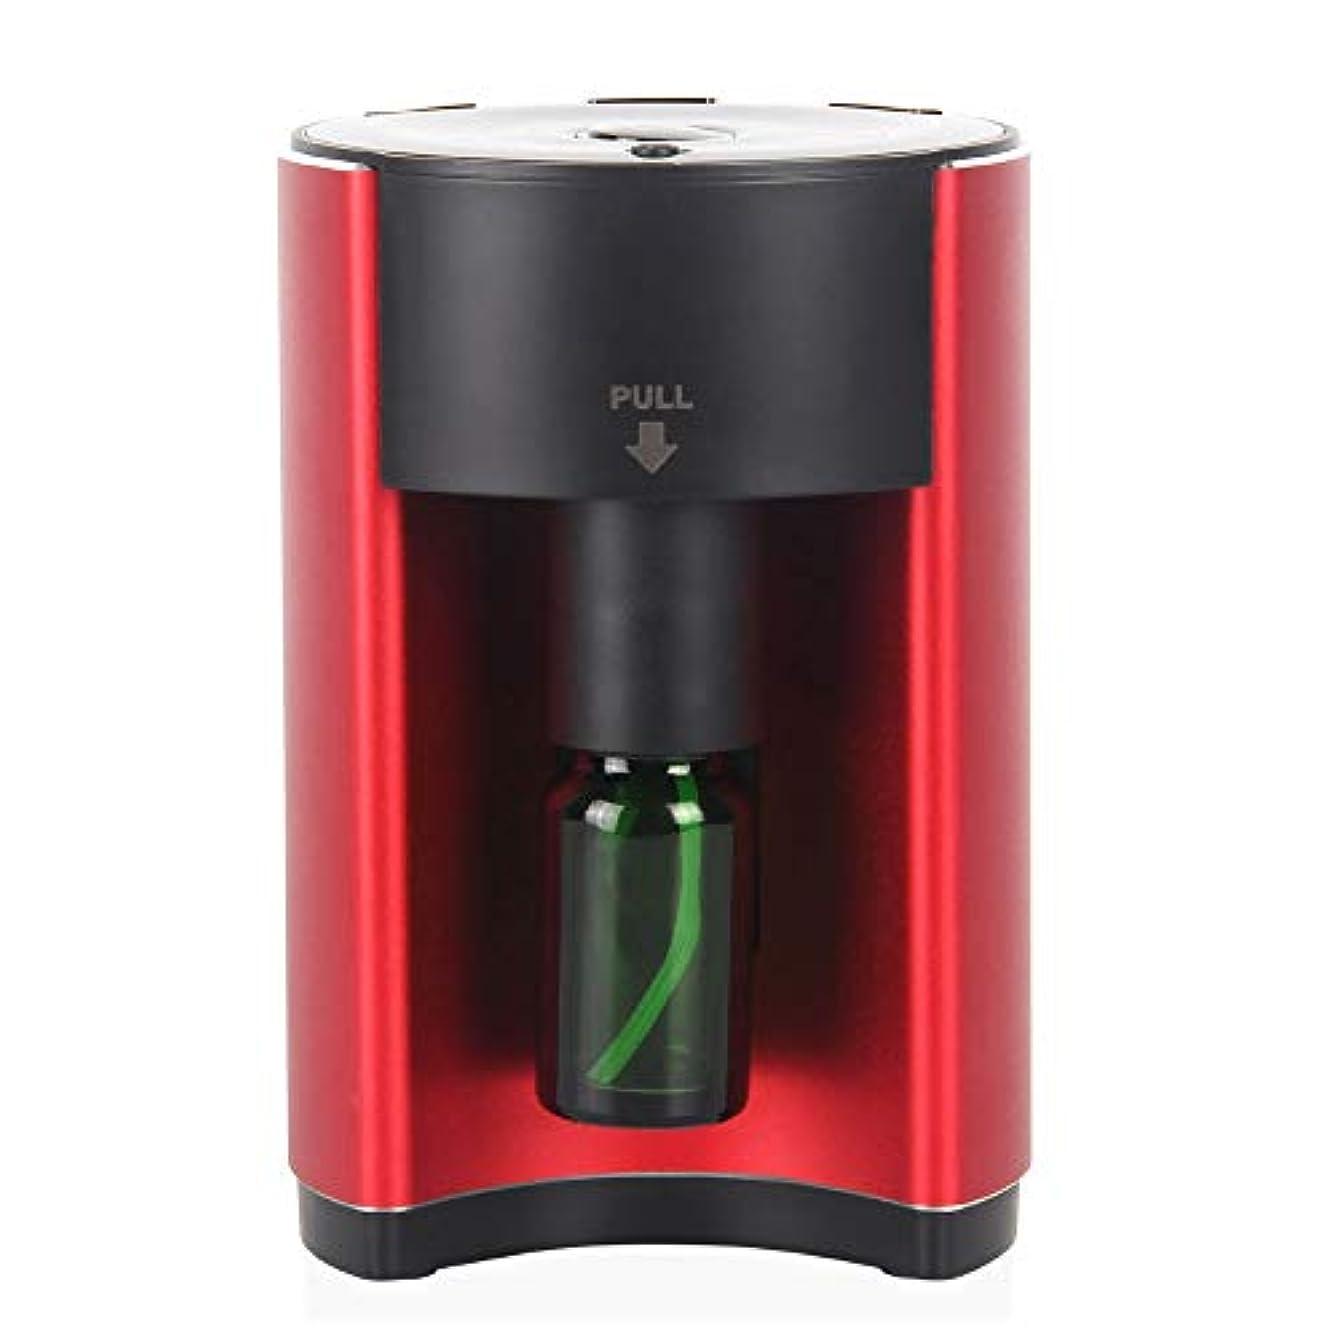 変形するキャンディー不屈広範囲適用 アロマディフューザー ネブライザー式 レッド アロマオイル アロマグラス 人気 タイマー機能 コンパクトタイプ エッセンシャルオイル 加湿 うるおい i001